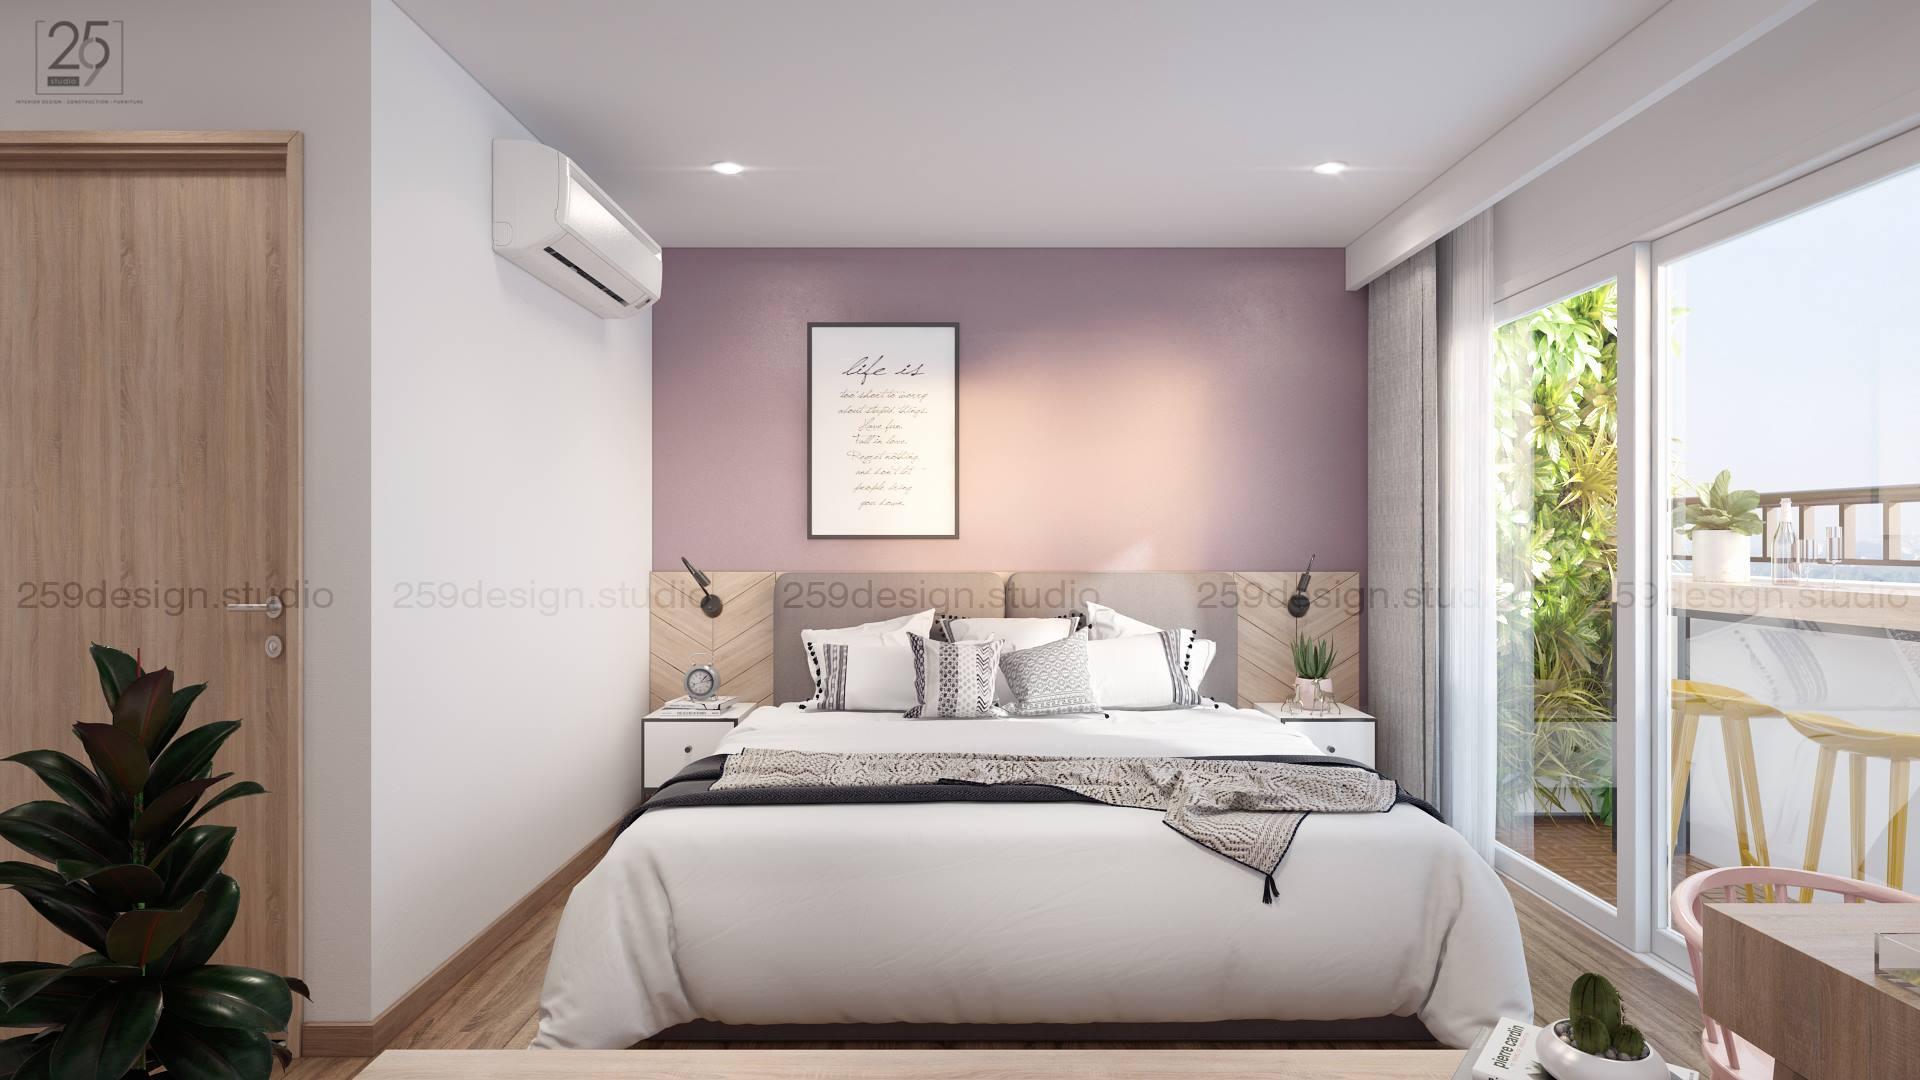 Mẫu thiết kế nội thất căn hộ đẹp với điểm nhấn màu pastel - Nhà Đẹp Số (12)